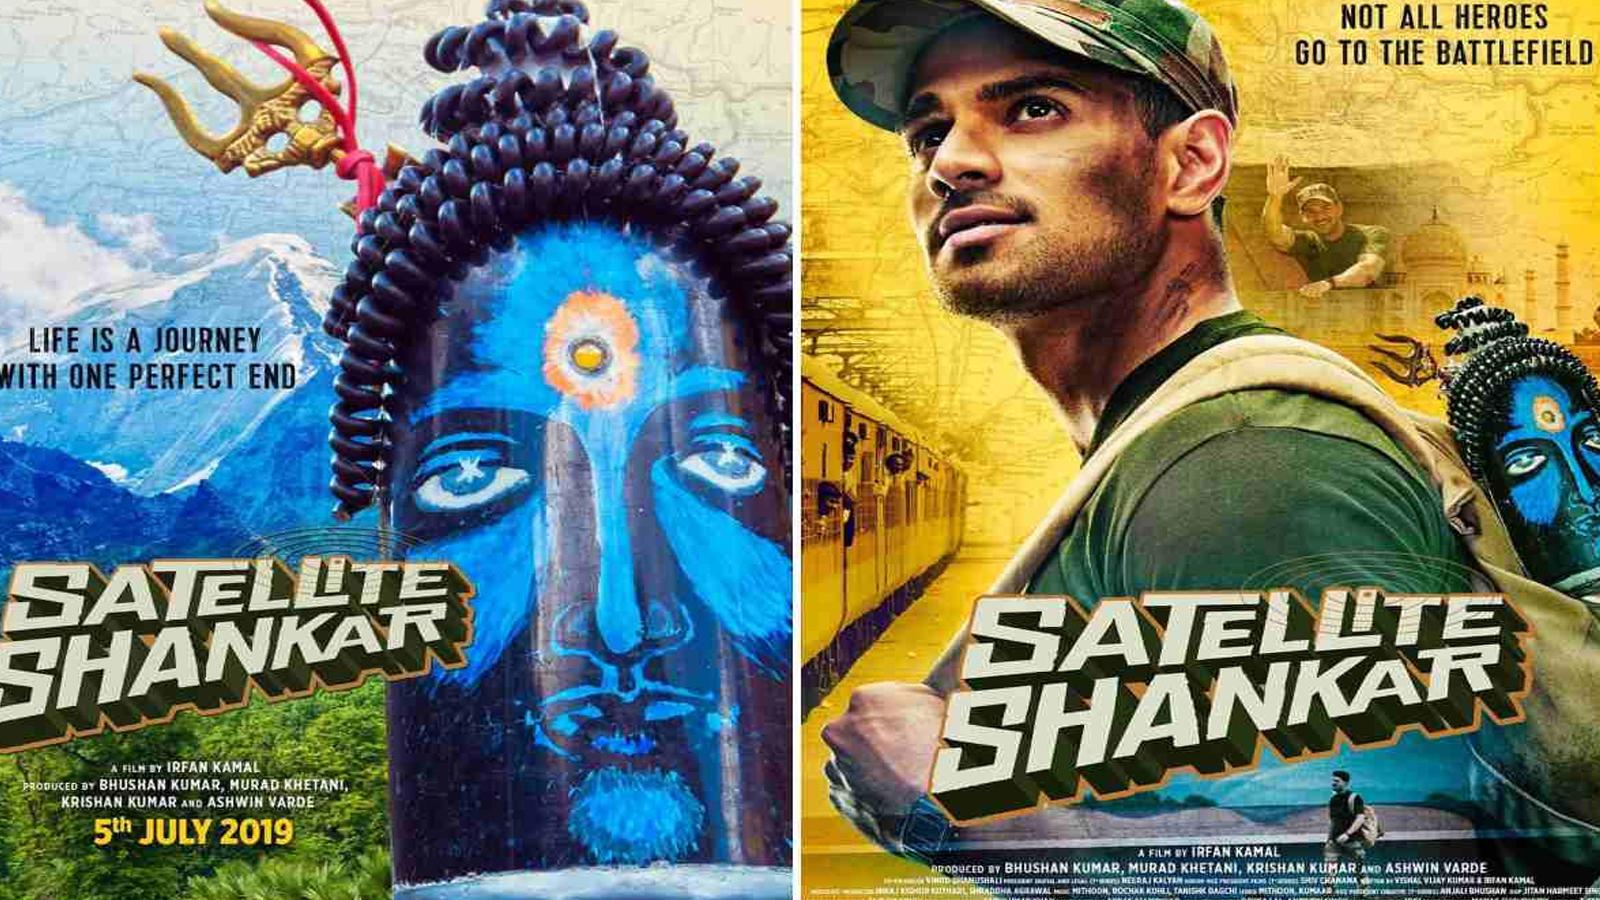 Sooraj Pancholi shares glimpse of 'Satellite Shankar'